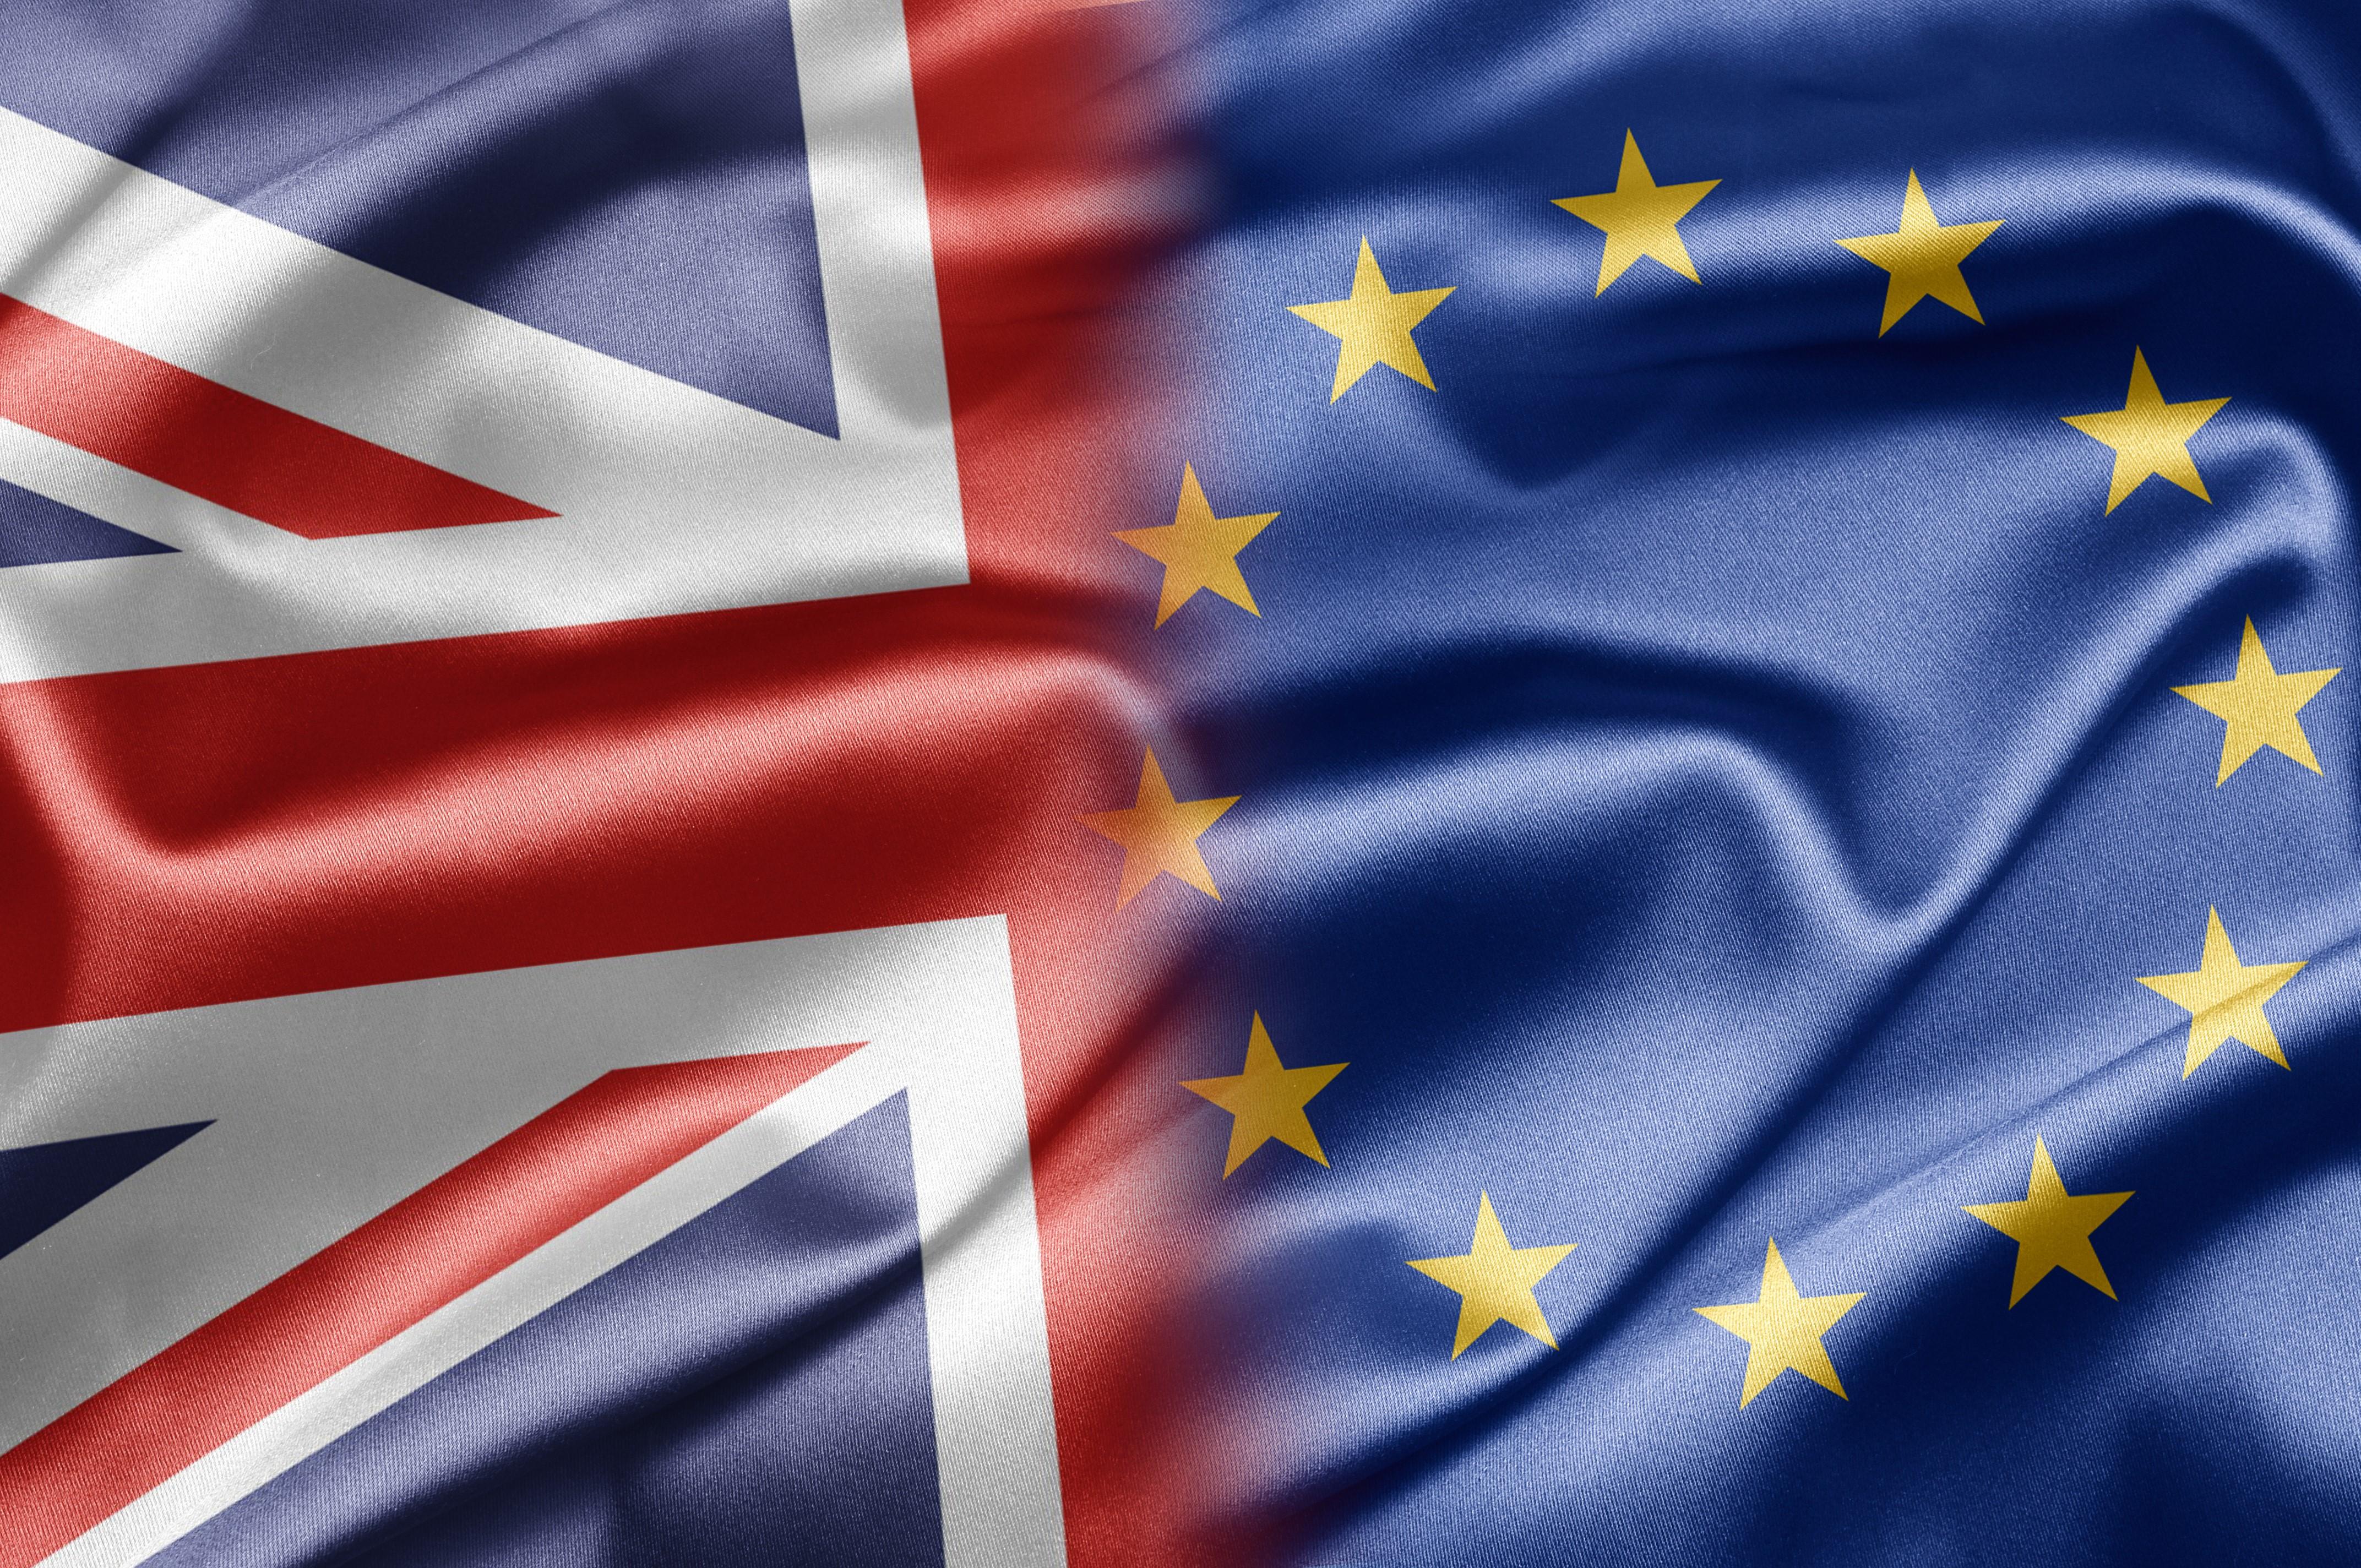 Wielka Brytania utrzymała najwyższą ocenę 'AA1' w najnowszej ocenie ryzyka handlowego w tym kraju Euler Hermes